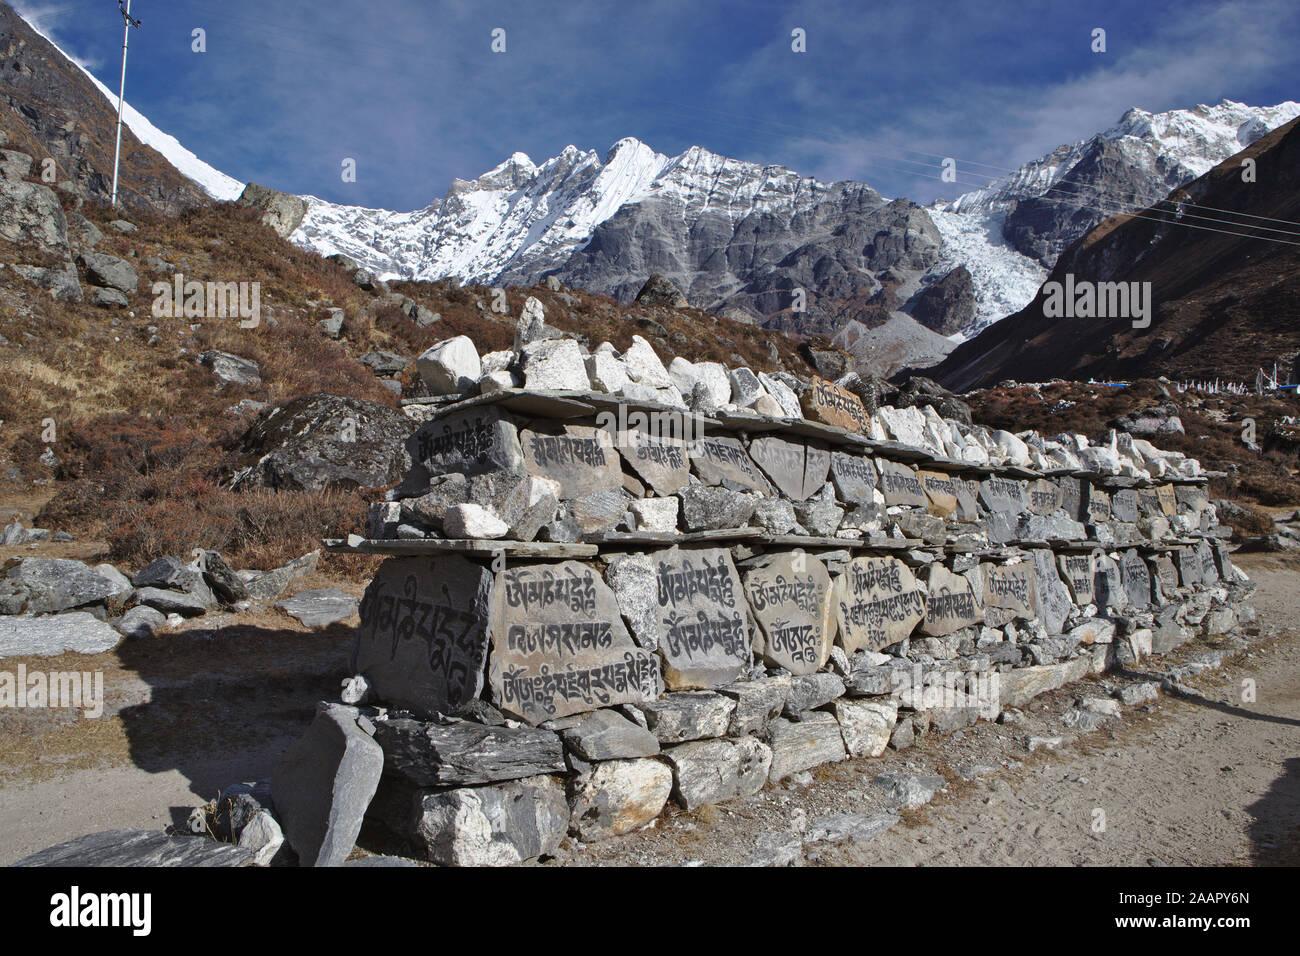 Incisioni su pietre lungo la valle di Langtang con montagne innevate sullo sfondo Foto Stock